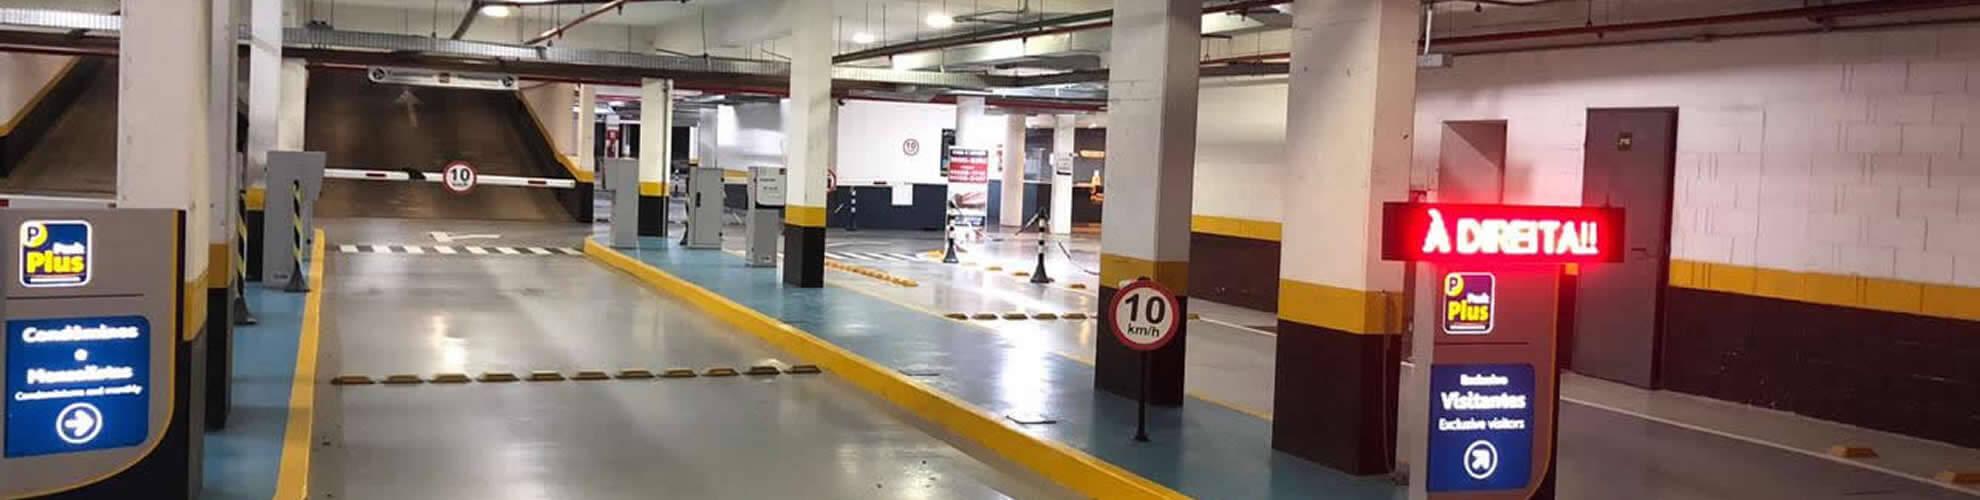 Vagas de Garagens de Edifícios Comerciais